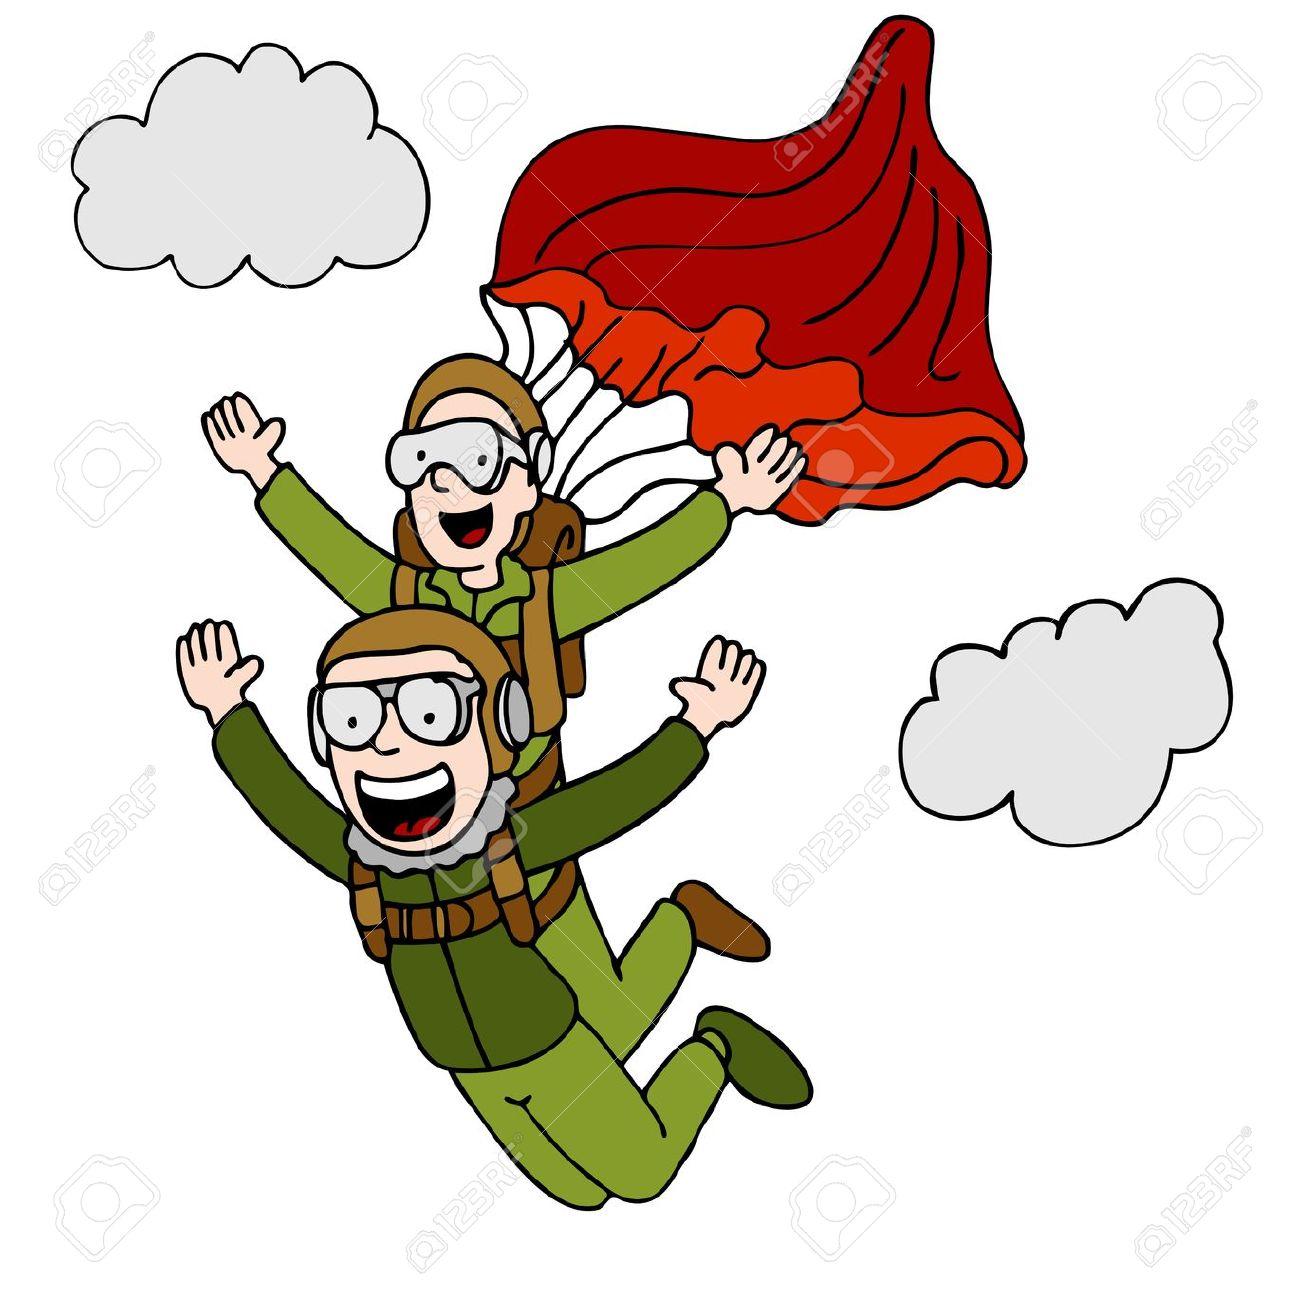 Ein Bild Von Einem Menschen Zu Tun Ein Tandem Fallschirmsprung.